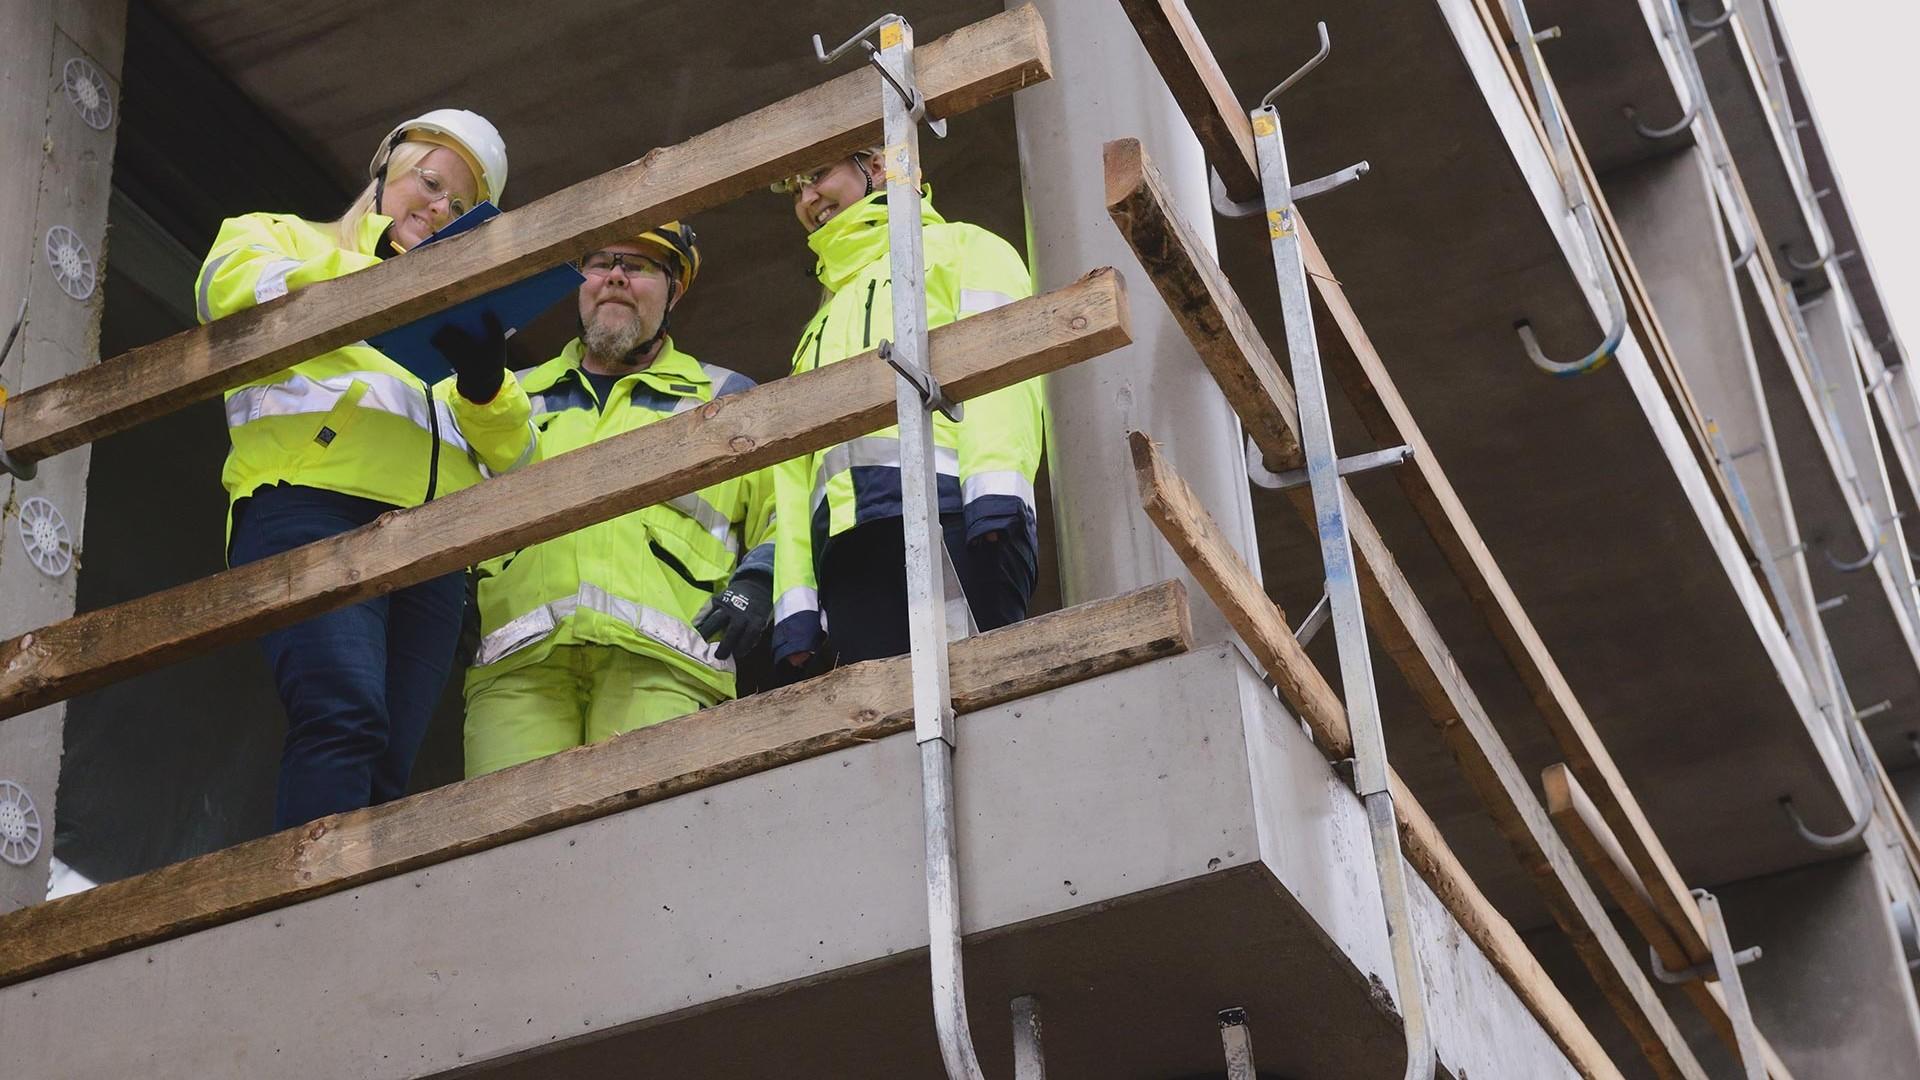 Jos on epäilys, että kohteessa käytetty asbestia, kannattaa kohteeseen suorittaa kartoitus.